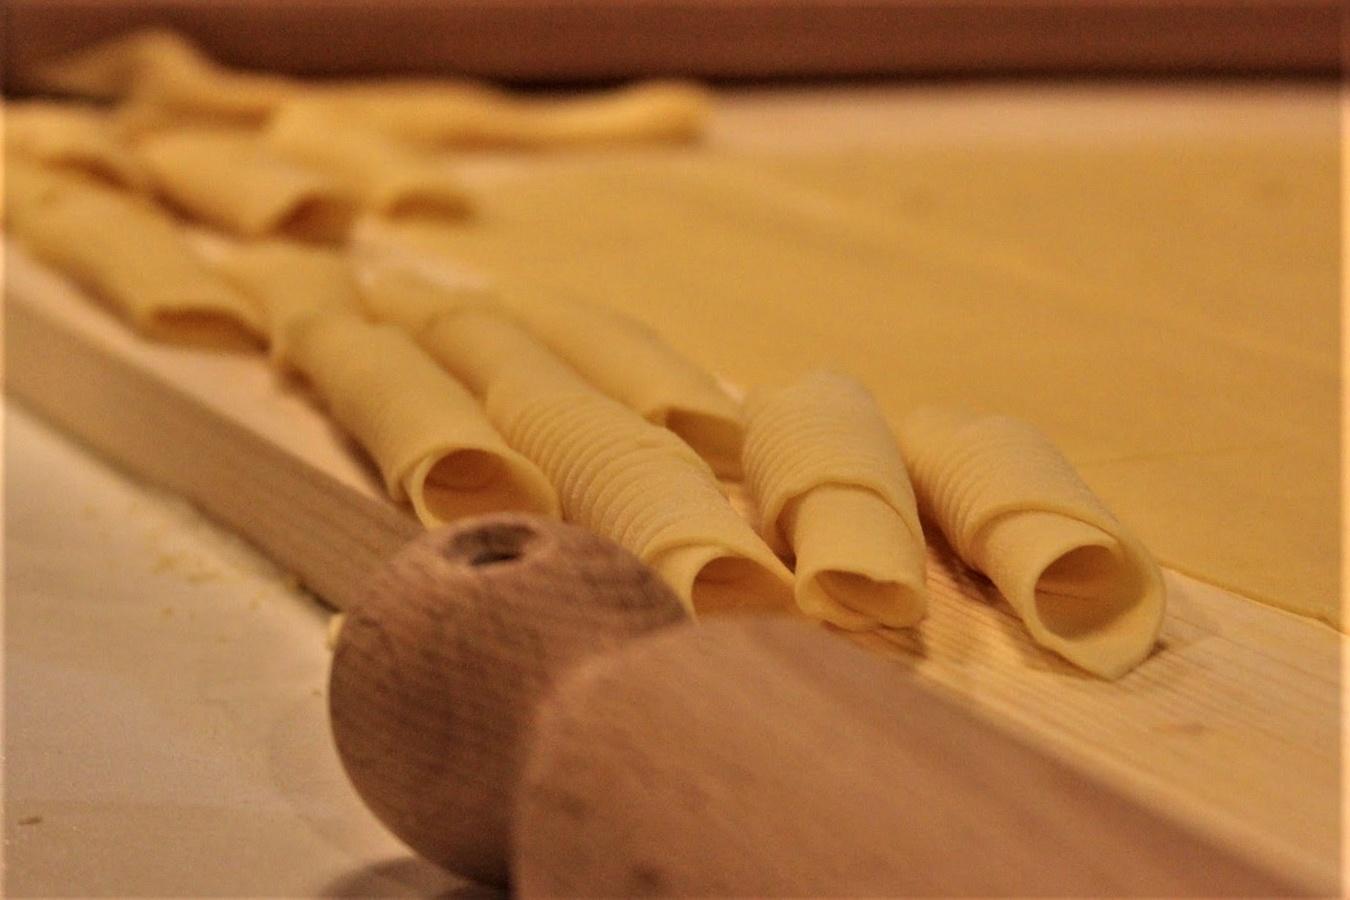 corso di pasta fresca a torino corso di cucina a torino scuola di cucina home made pasta